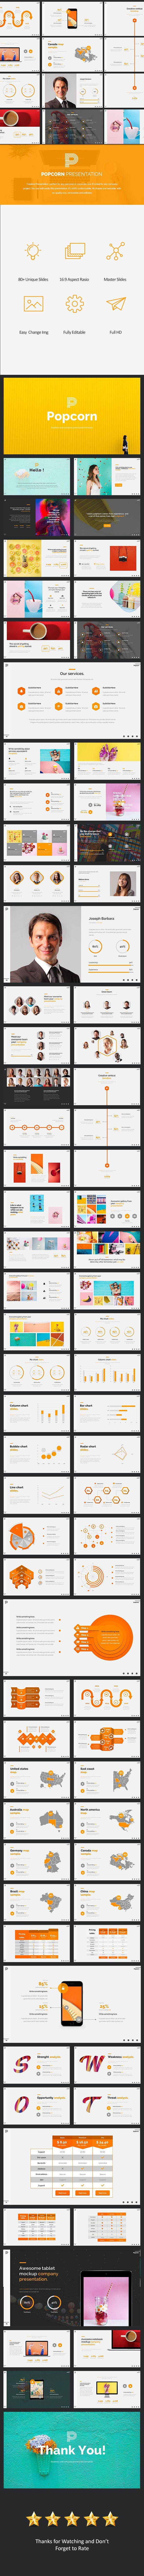 Popcorn Creative #Google #Slides - Google Slides Presentation ...